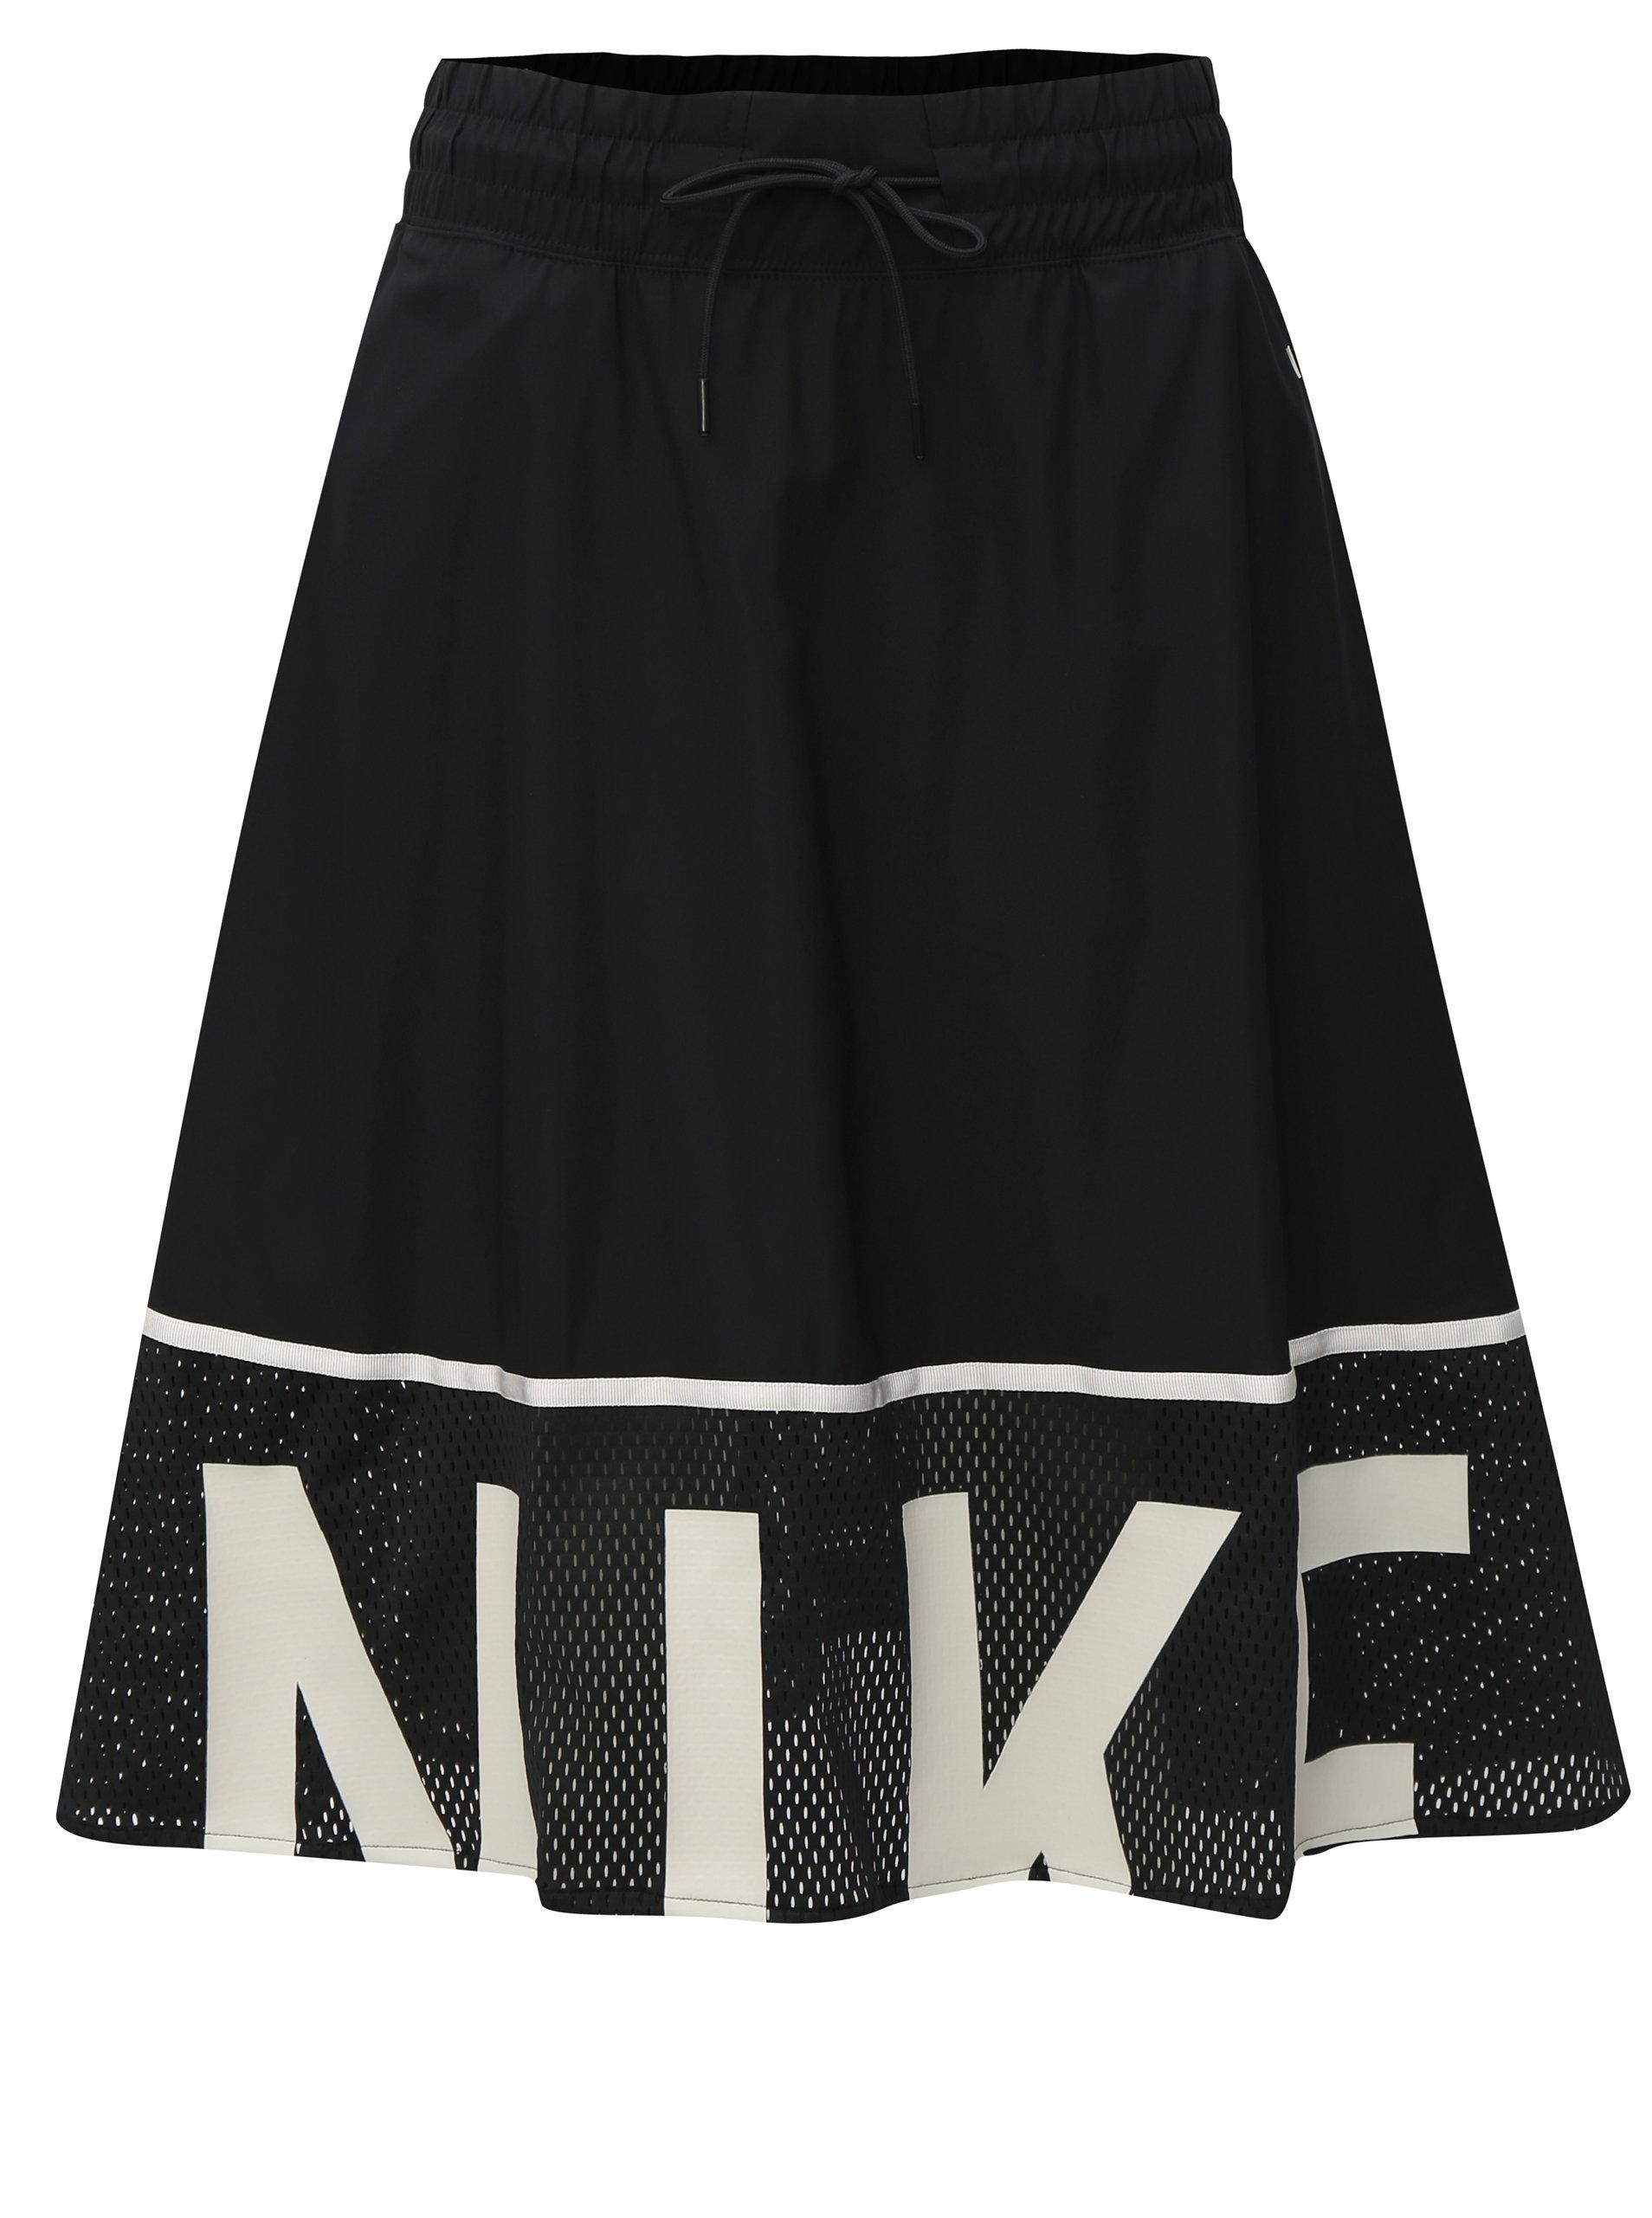 Bílo-černá sukně s elastickým pasem Nike Mesh ... d9cd13a1b4